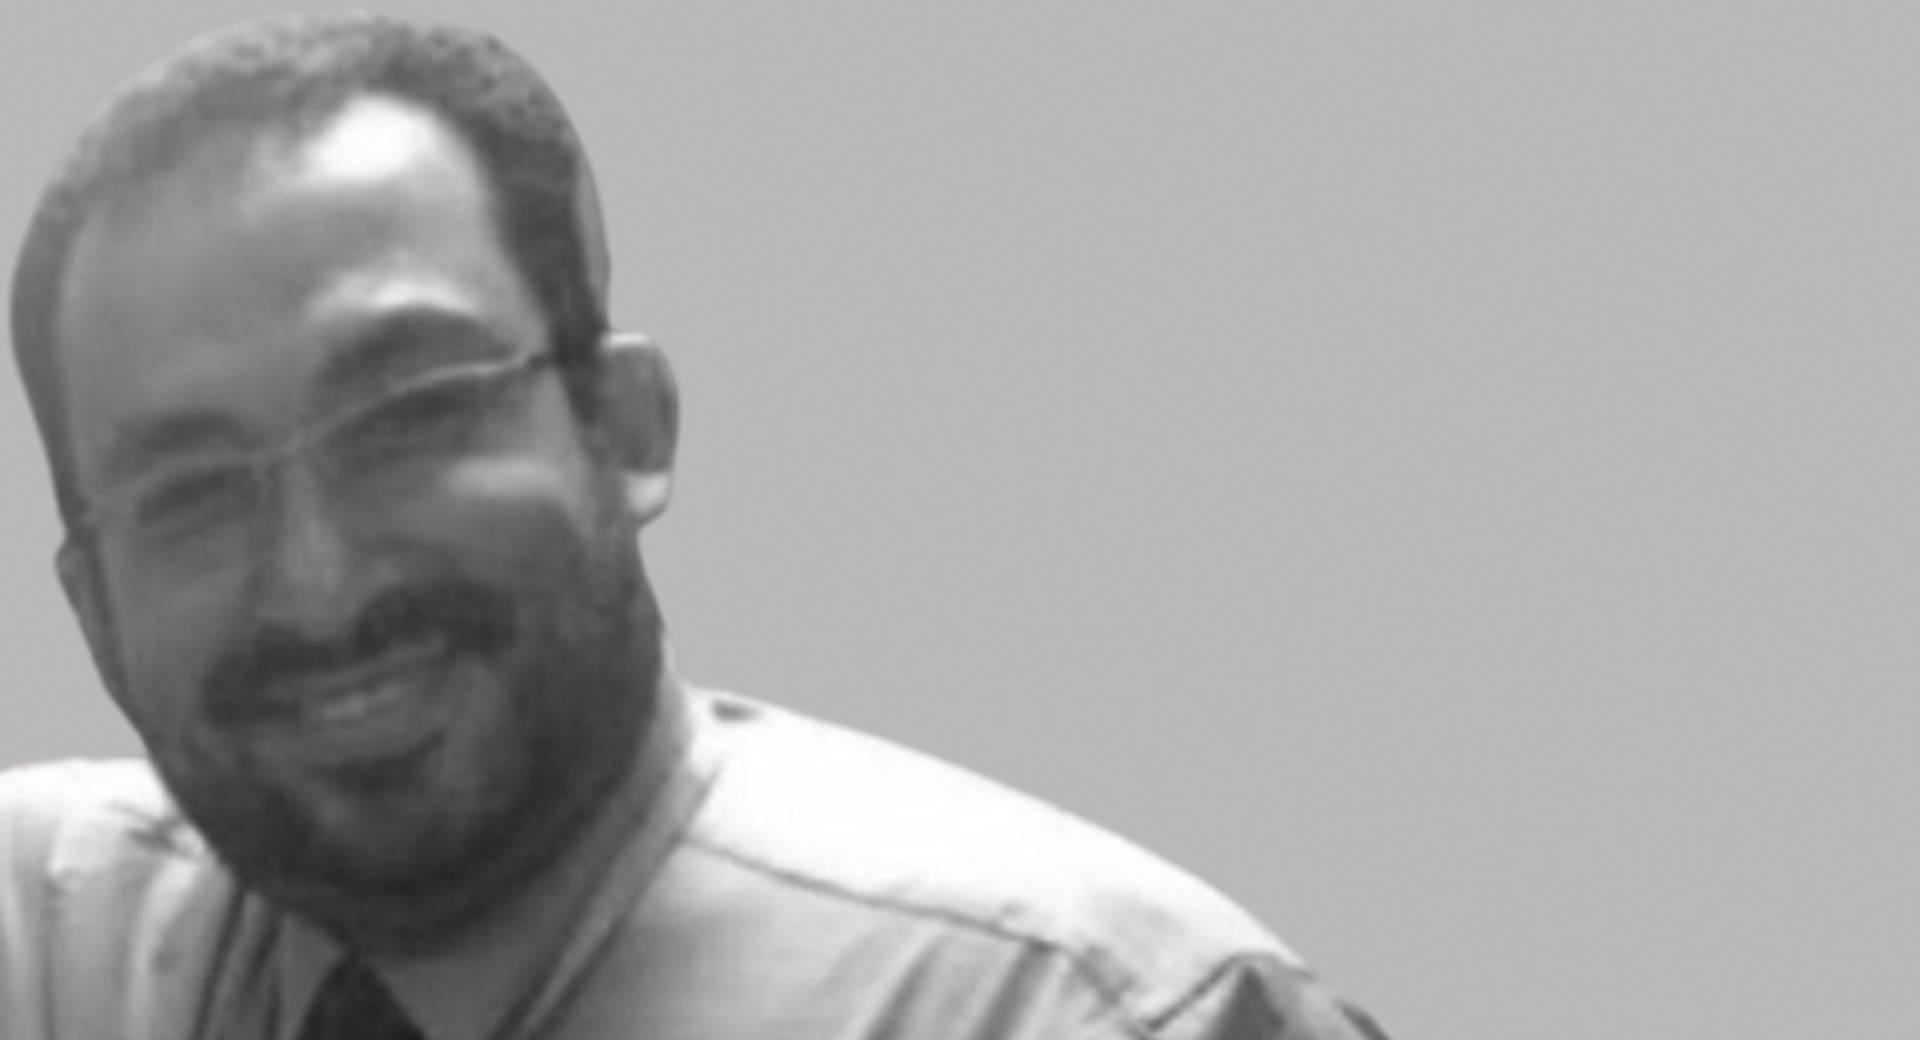 وفاة طبيب «مصري» يعمل بالمستشفى الأميري.. بعد تعافيه من «كورونا»